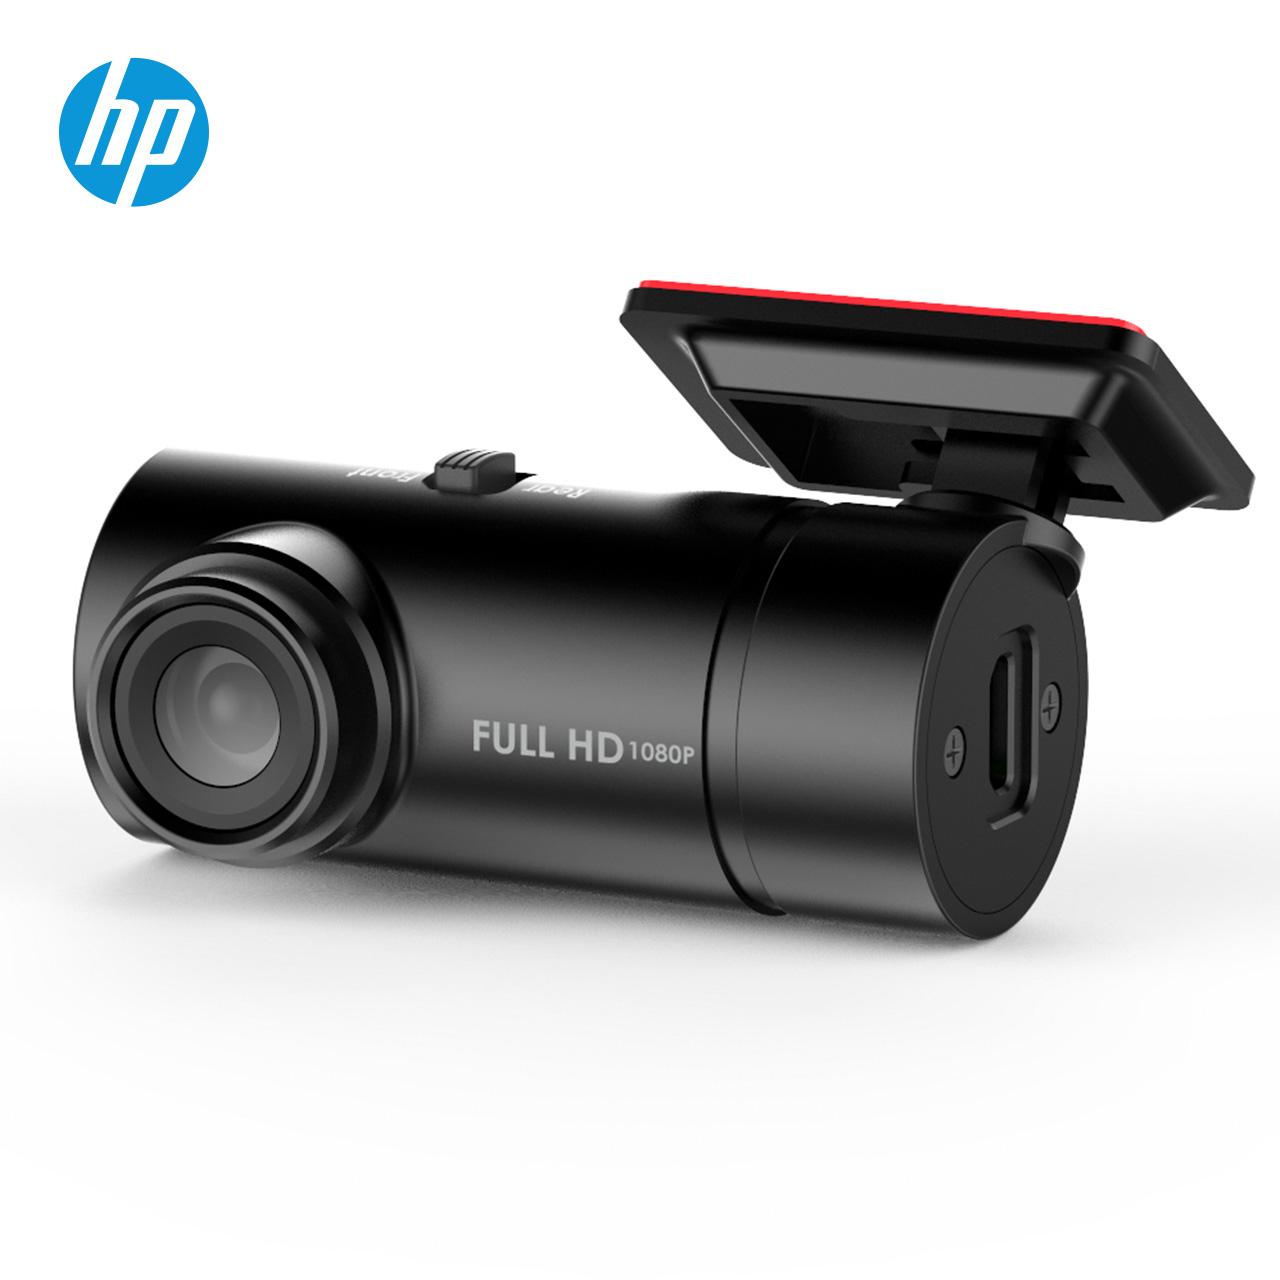 惠普RC3车载后拉摄像头 1080P高清拍摄 F860/F860x/F870g可用